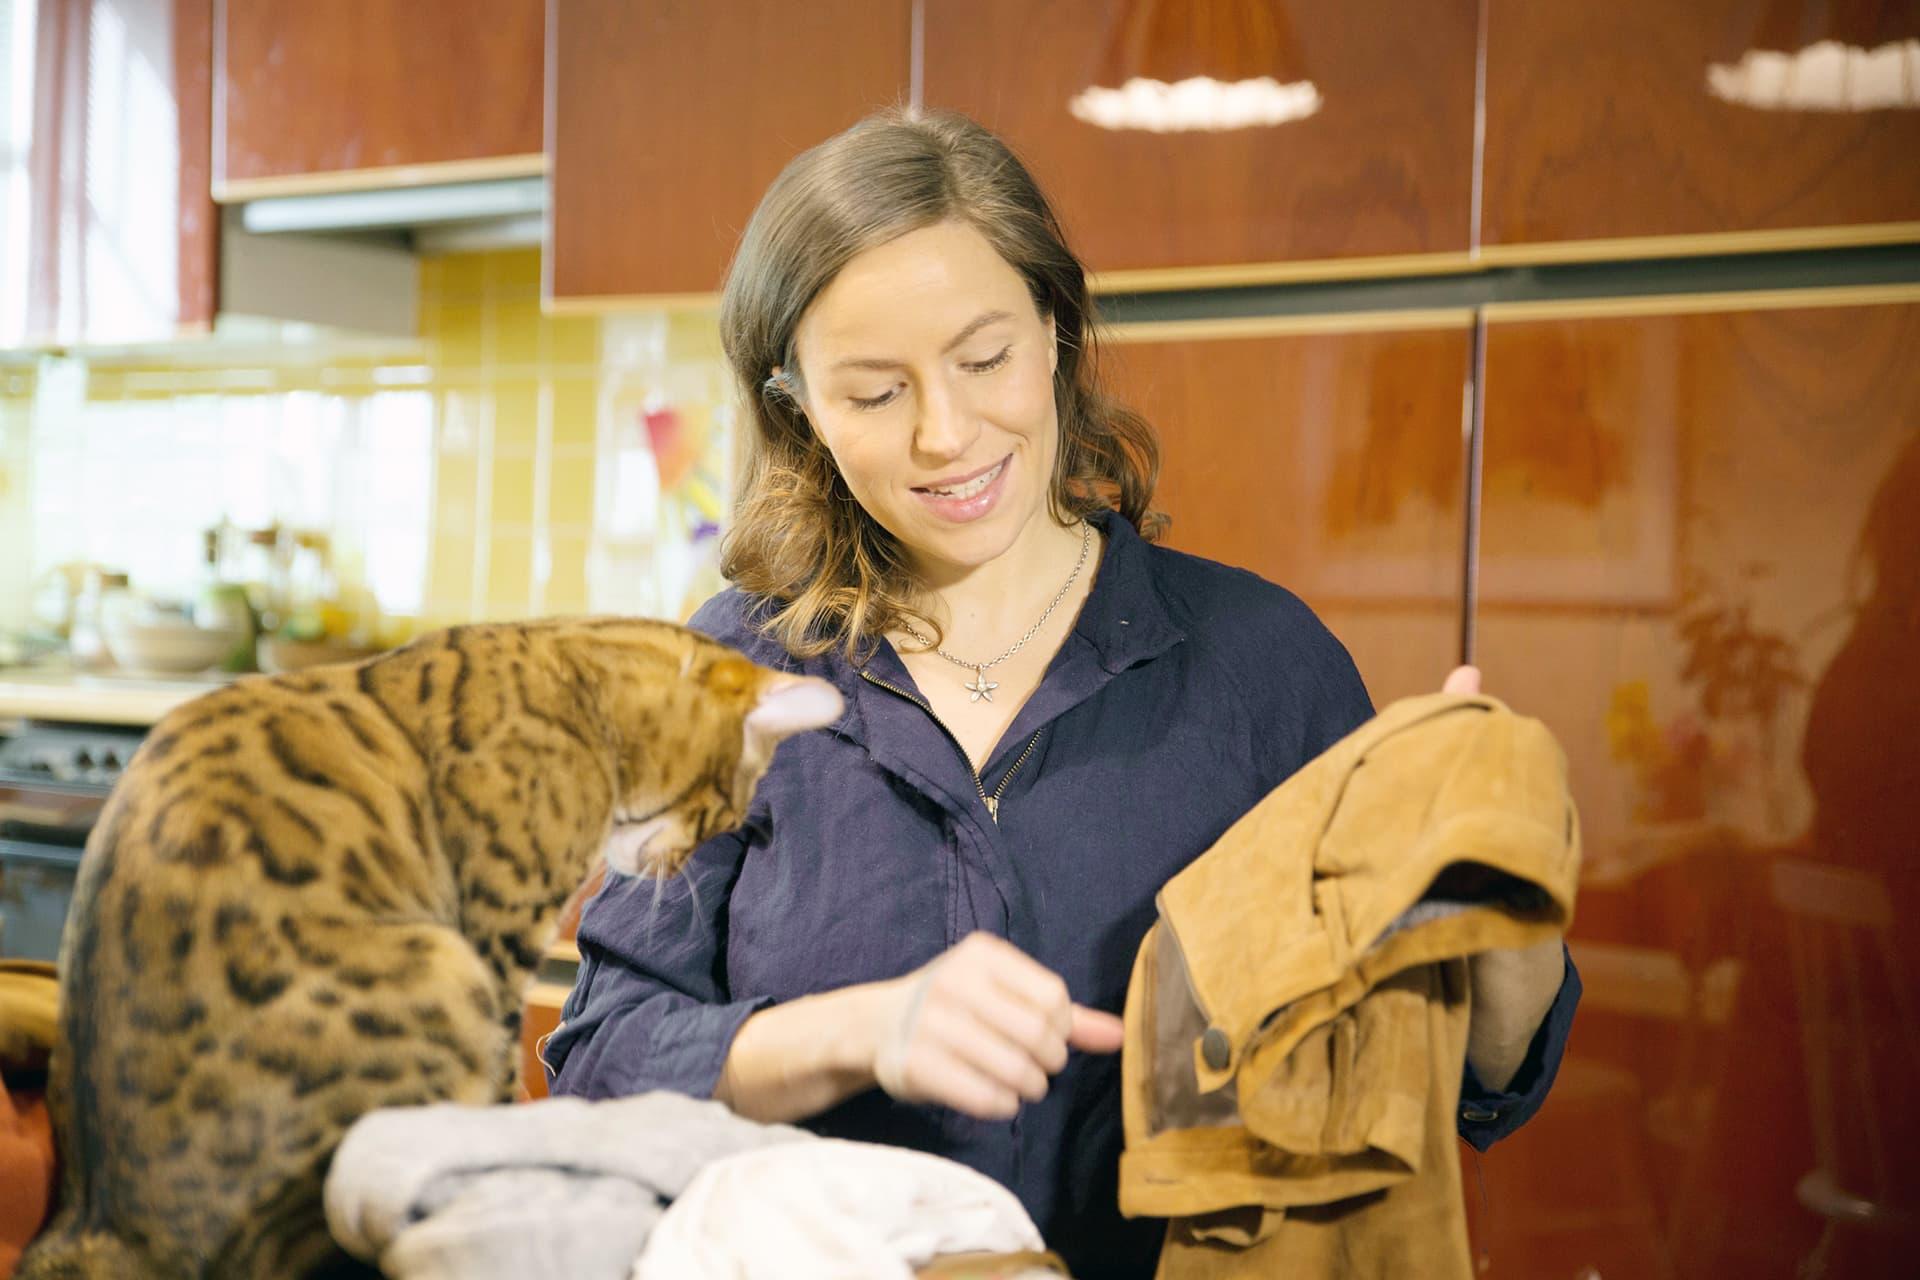 Maria Nordin esittelee vaatteita